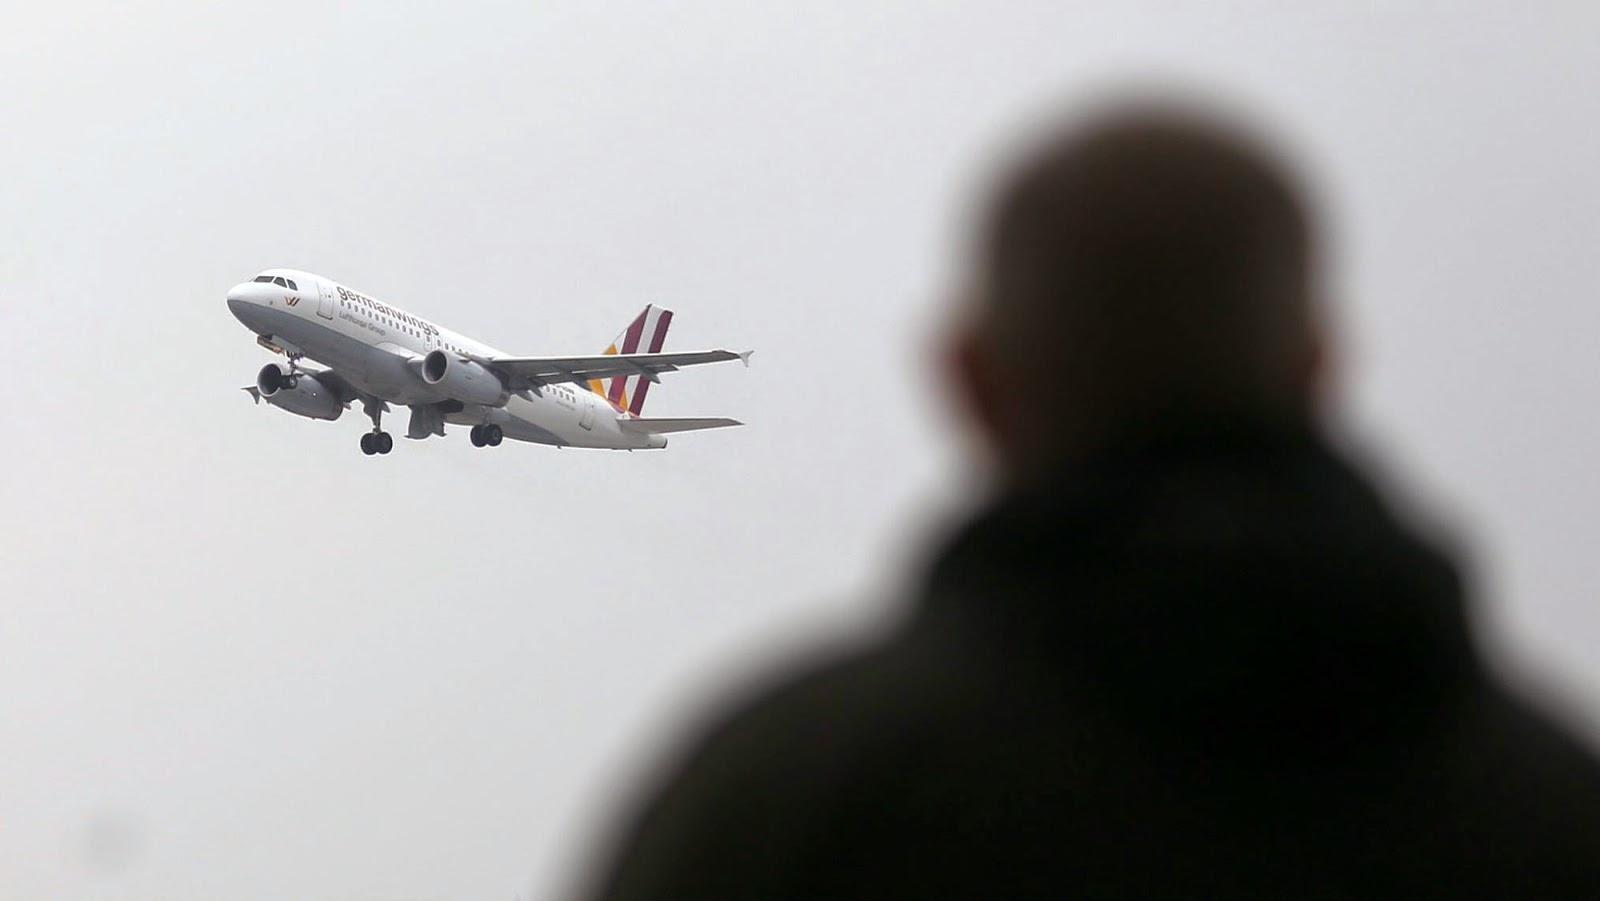 Τι λέει για τον πιλότο που έριξε το αεροπλάνο η πρώην σύντροφός του